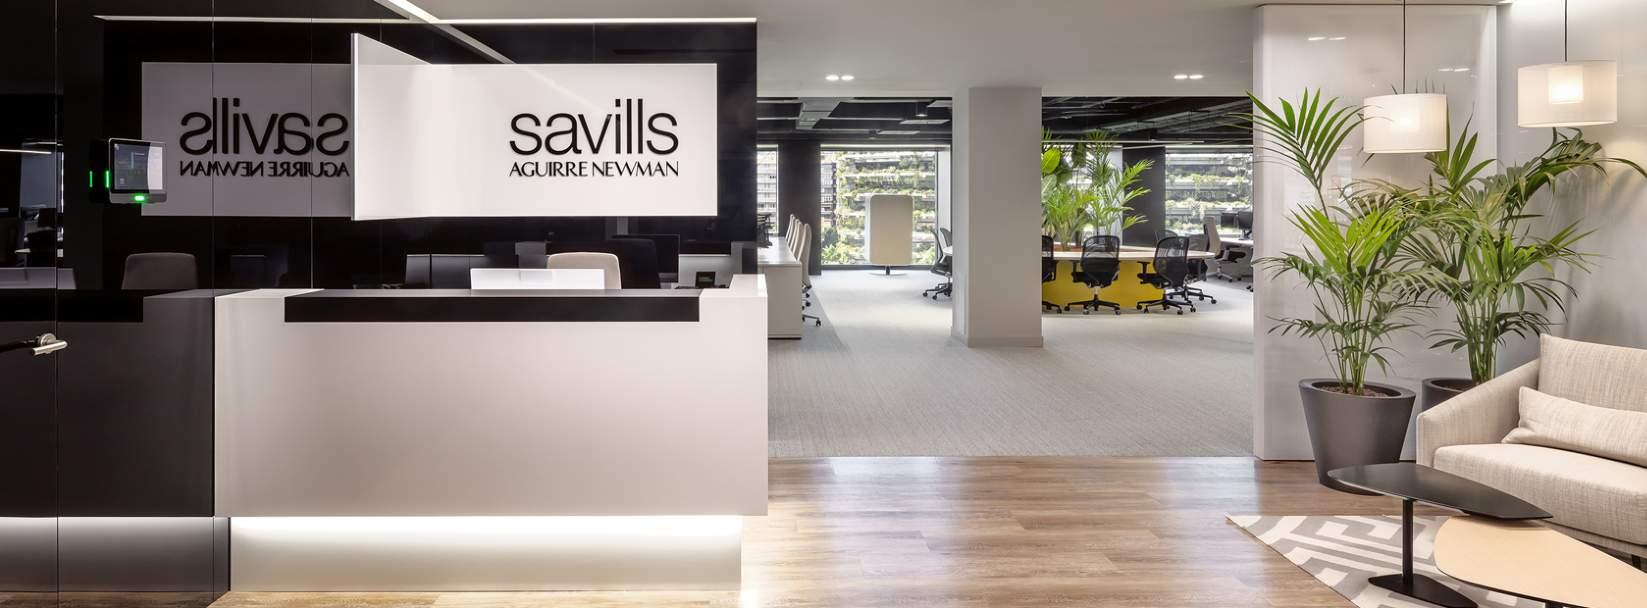 Savills compra T3 Advisors, consultora inmobiliaria especializada en espacios tecnológicos y farmacéuticos